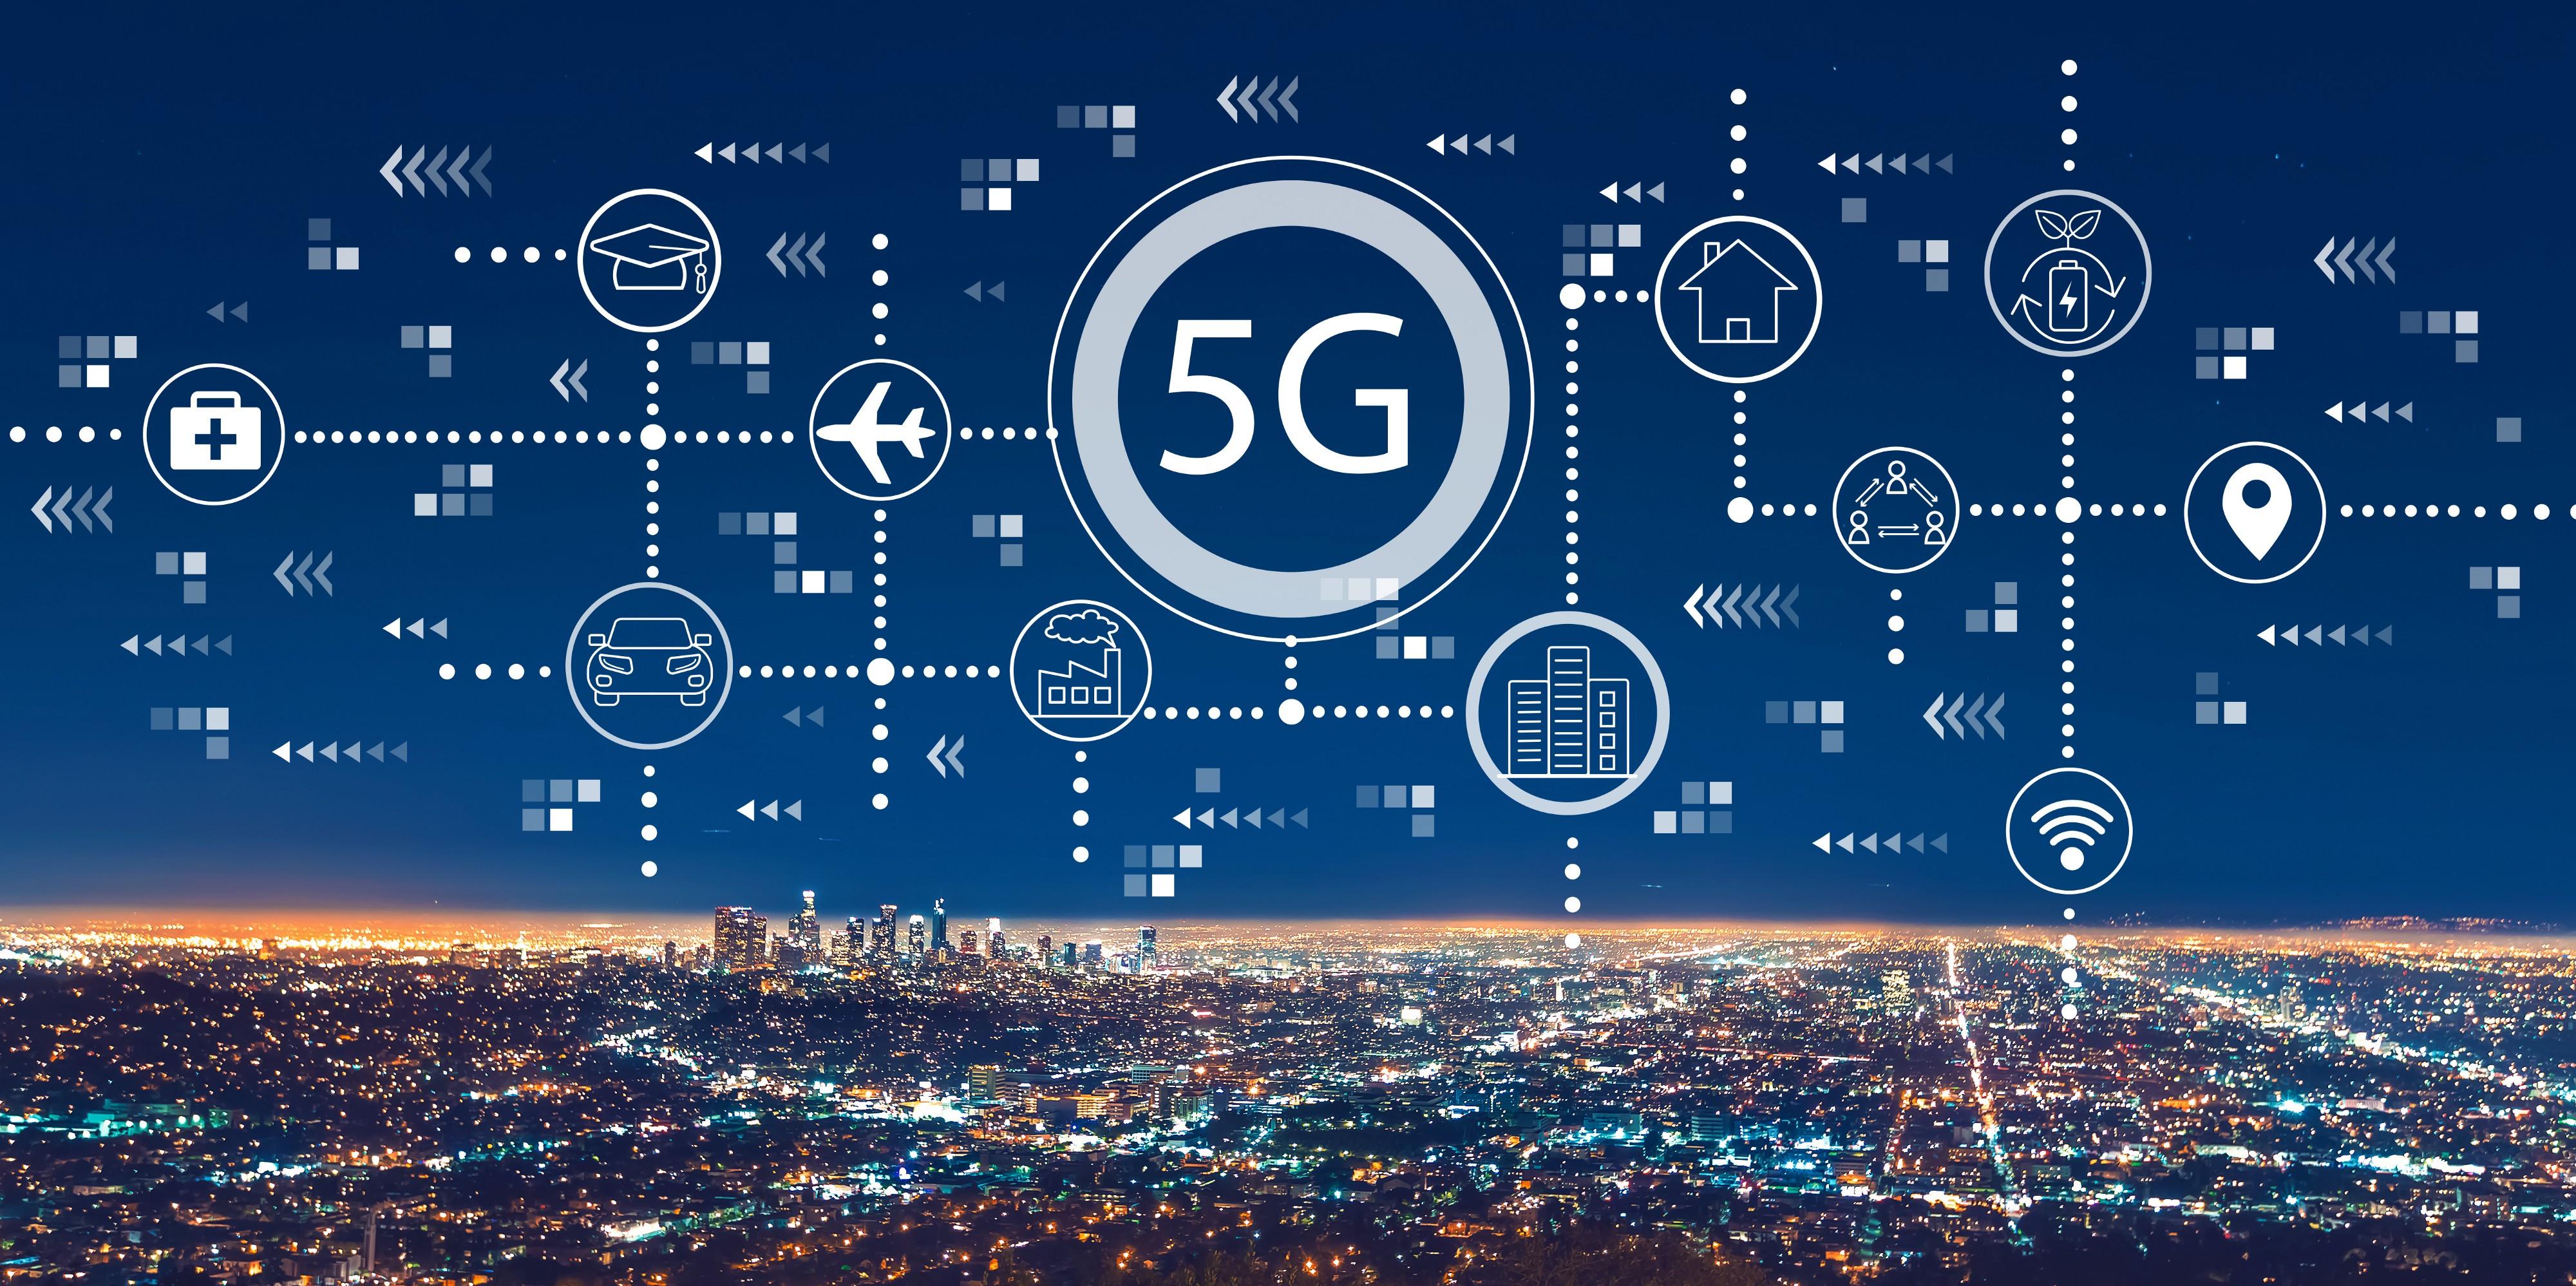 Ưu điểm vượt trội từ mạng 5G điều bạn cần biết